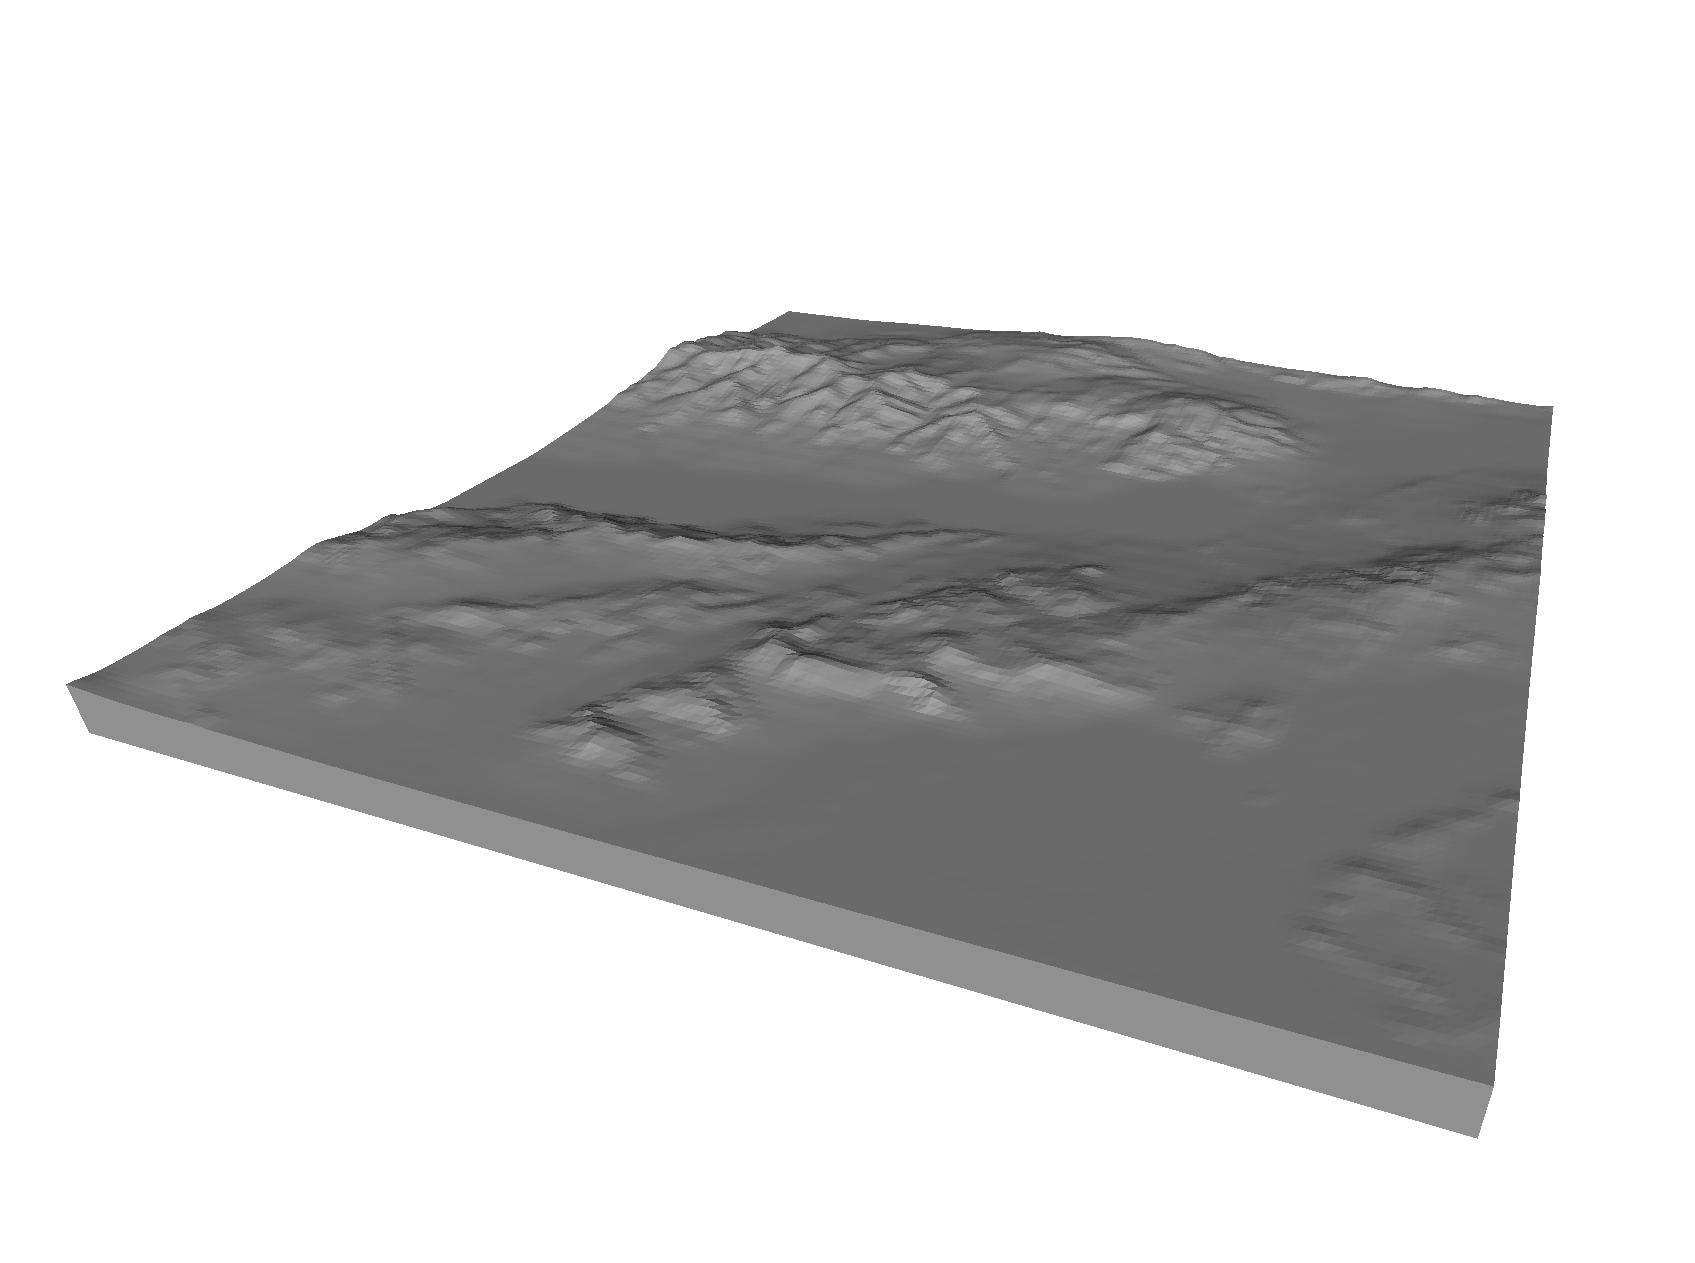 Easy 3D Printable Landscapes: TouchTerrain